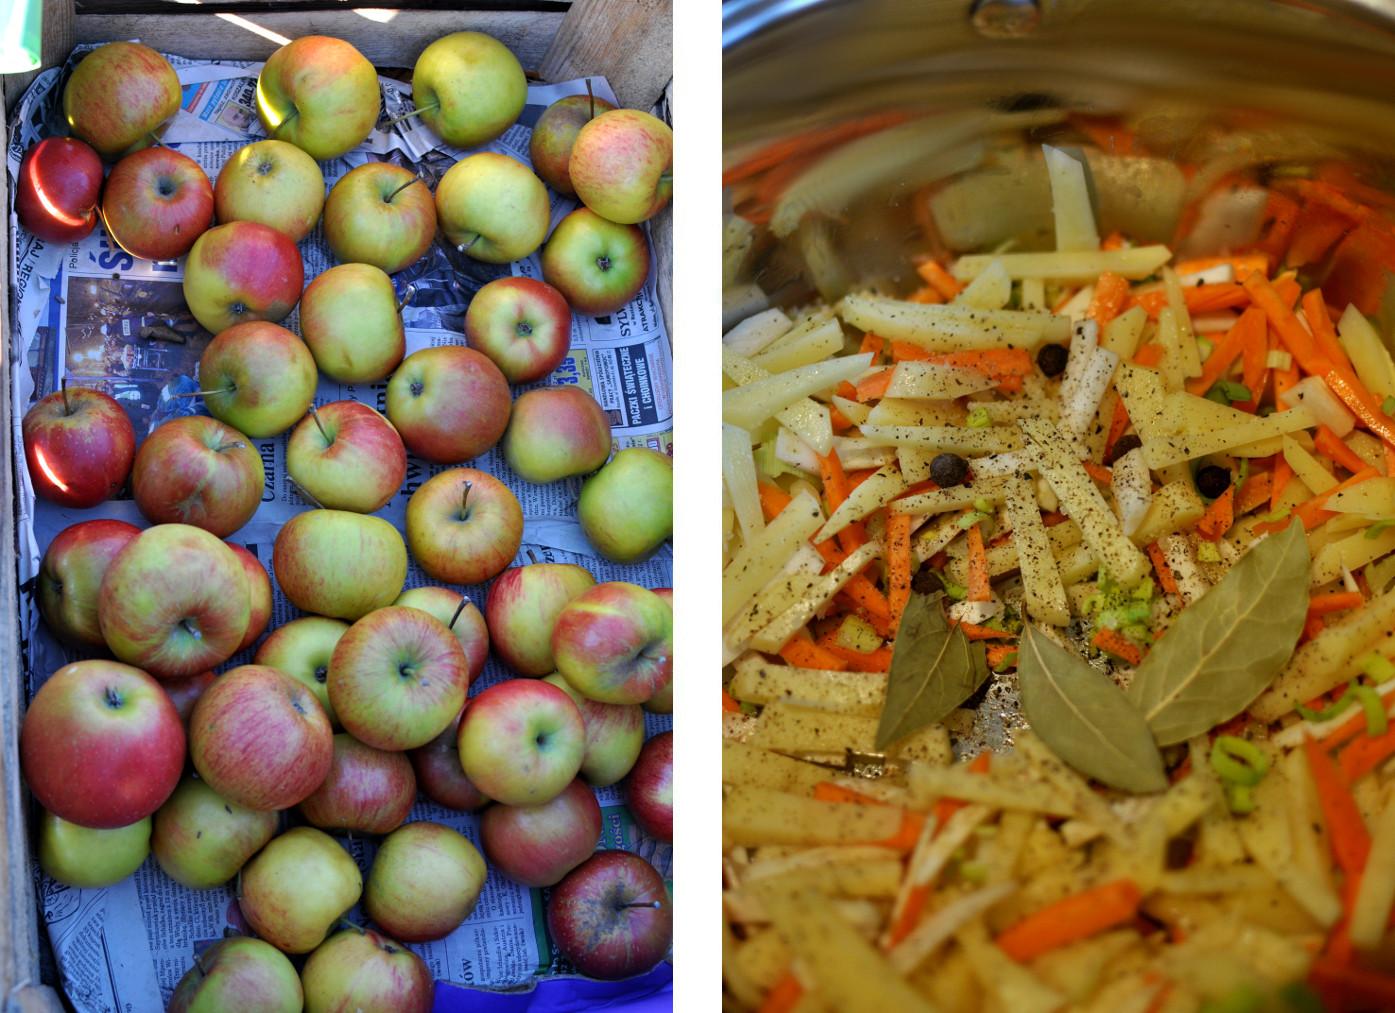 odżywianie zimą. jabłka na rynku i warzywa na zupę. bebuszka